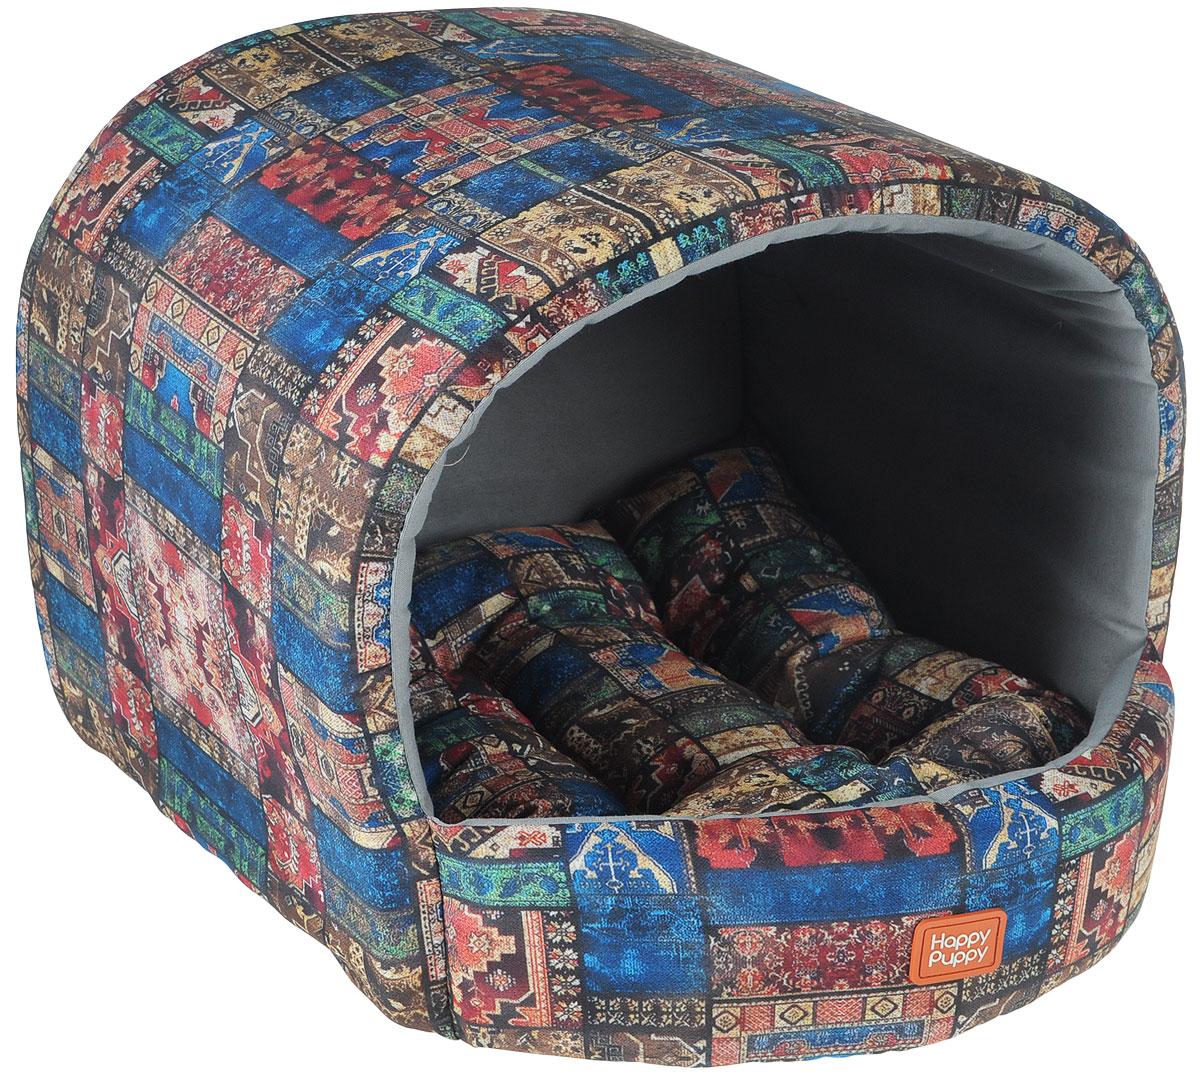 Домик для собак Happy Puppy Восточные сказки, 37 x 37 x 40 см0120710Домик для собак Happy Puppy Восточные сказки обязательно понравится вашему питомцу. Он предназначен для собак мелких пород и изготовлен из полиэстера и хлопка, внутри -мягкий наполнитель из мебельного поролона.Стежка надежно удерживает наполнитель внутри и не позволяет ему скатываться. Домик очень удобный и уютный, он оснащен мягкой съемной подстилкой с наполнителем из холлофайбера. Ваш любимец сразу же захочет забраться внутрь, там он сможет отдохнуть и спрятаться. Компактные размеры позволят поместить домик, где угодно, а приятная цветовая гамма сделает егооригинальным дополнением к любому интерьеру. Размер подстилки: 37 х 37 х 40 см.Внутренняя высота домика (с учетом подстилки):27 см. Толщина стенки: 3 см.